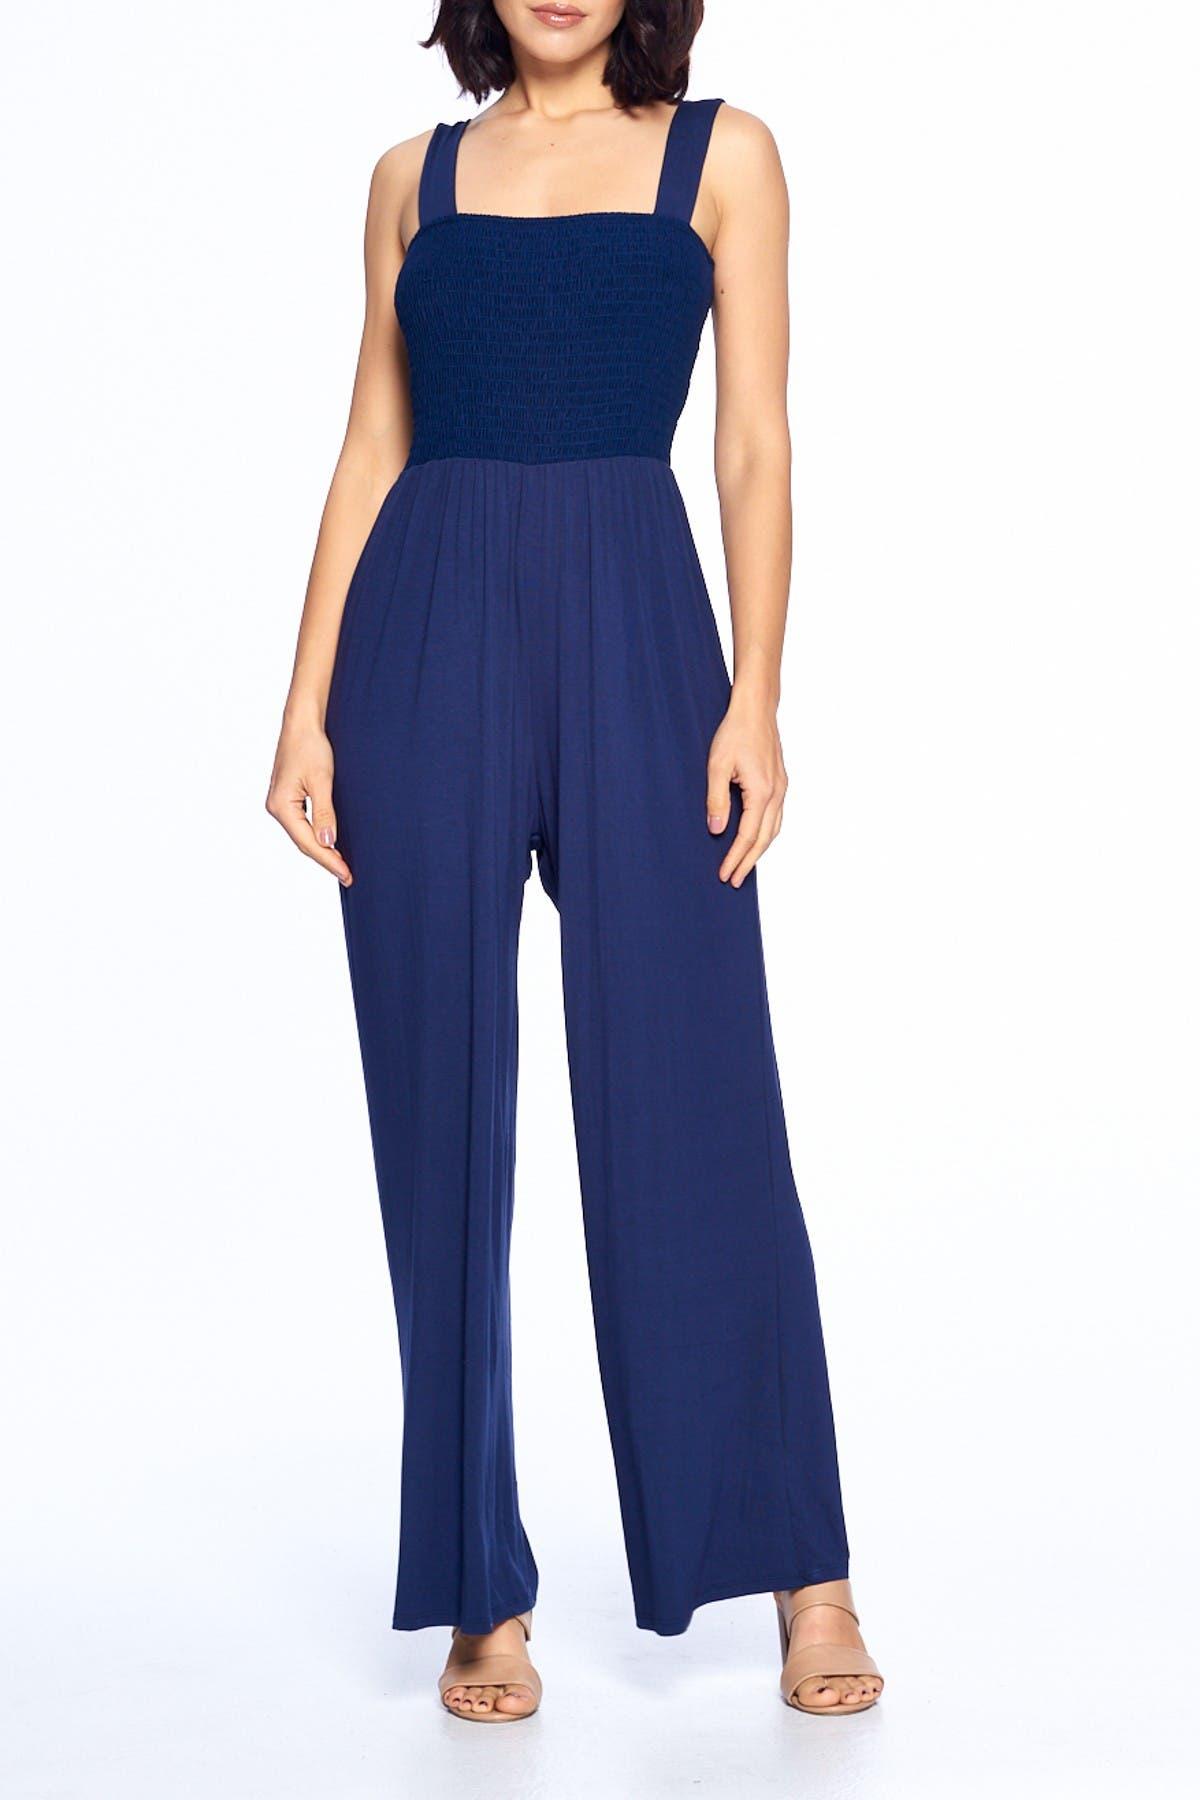 Image of WEST KEI Smocked Knit Sleeveless Jumpsuit